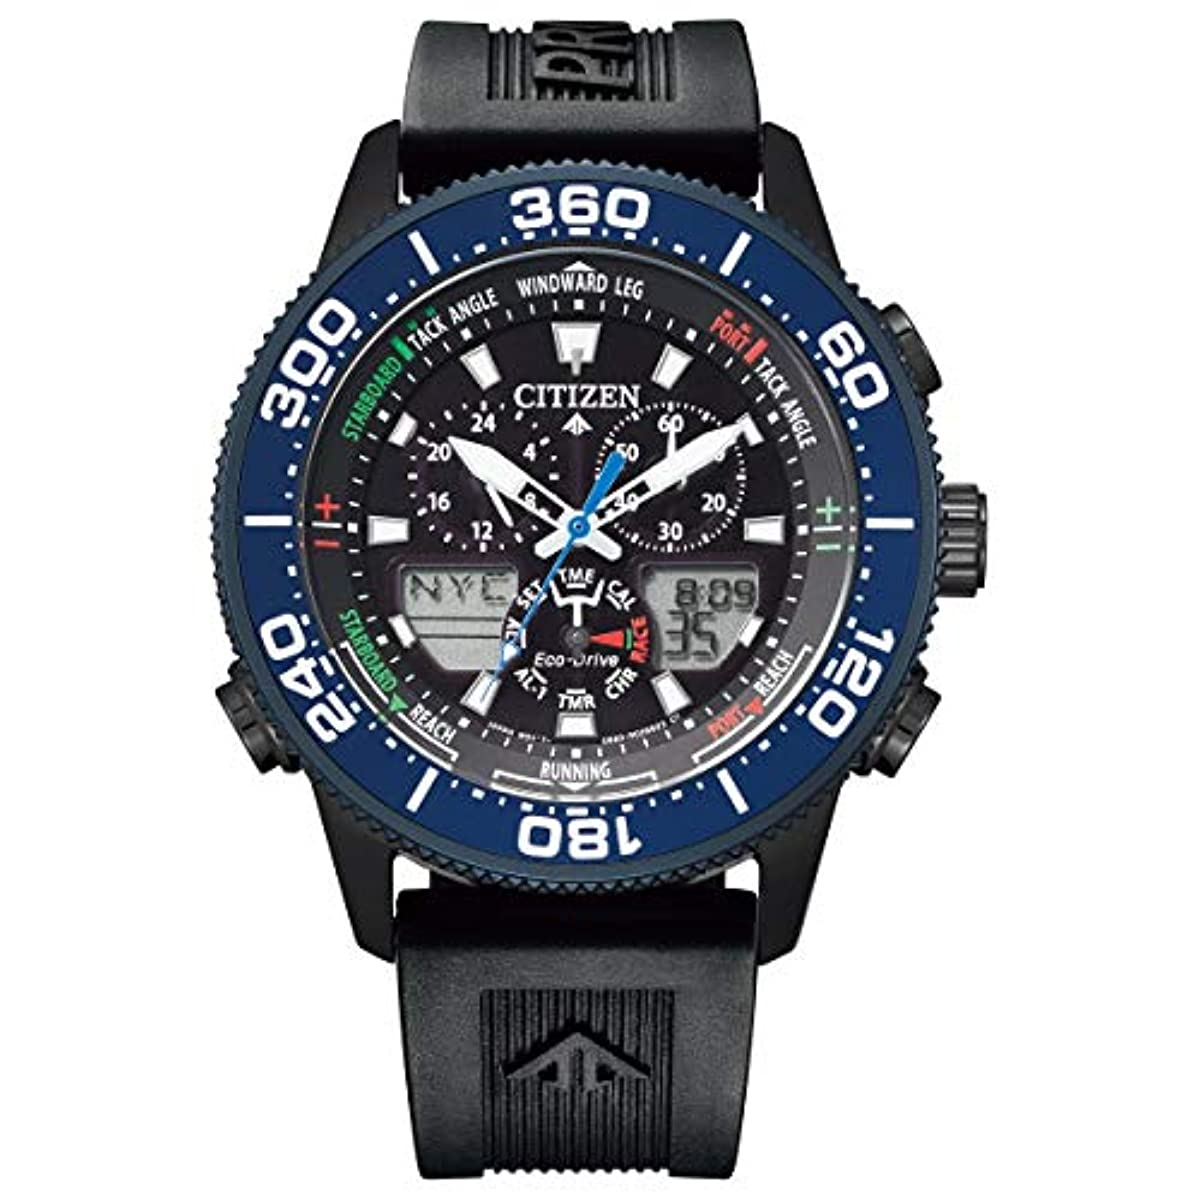 [해외] 시티즌 프로마스터 시계 맨즈 JR4065-09E